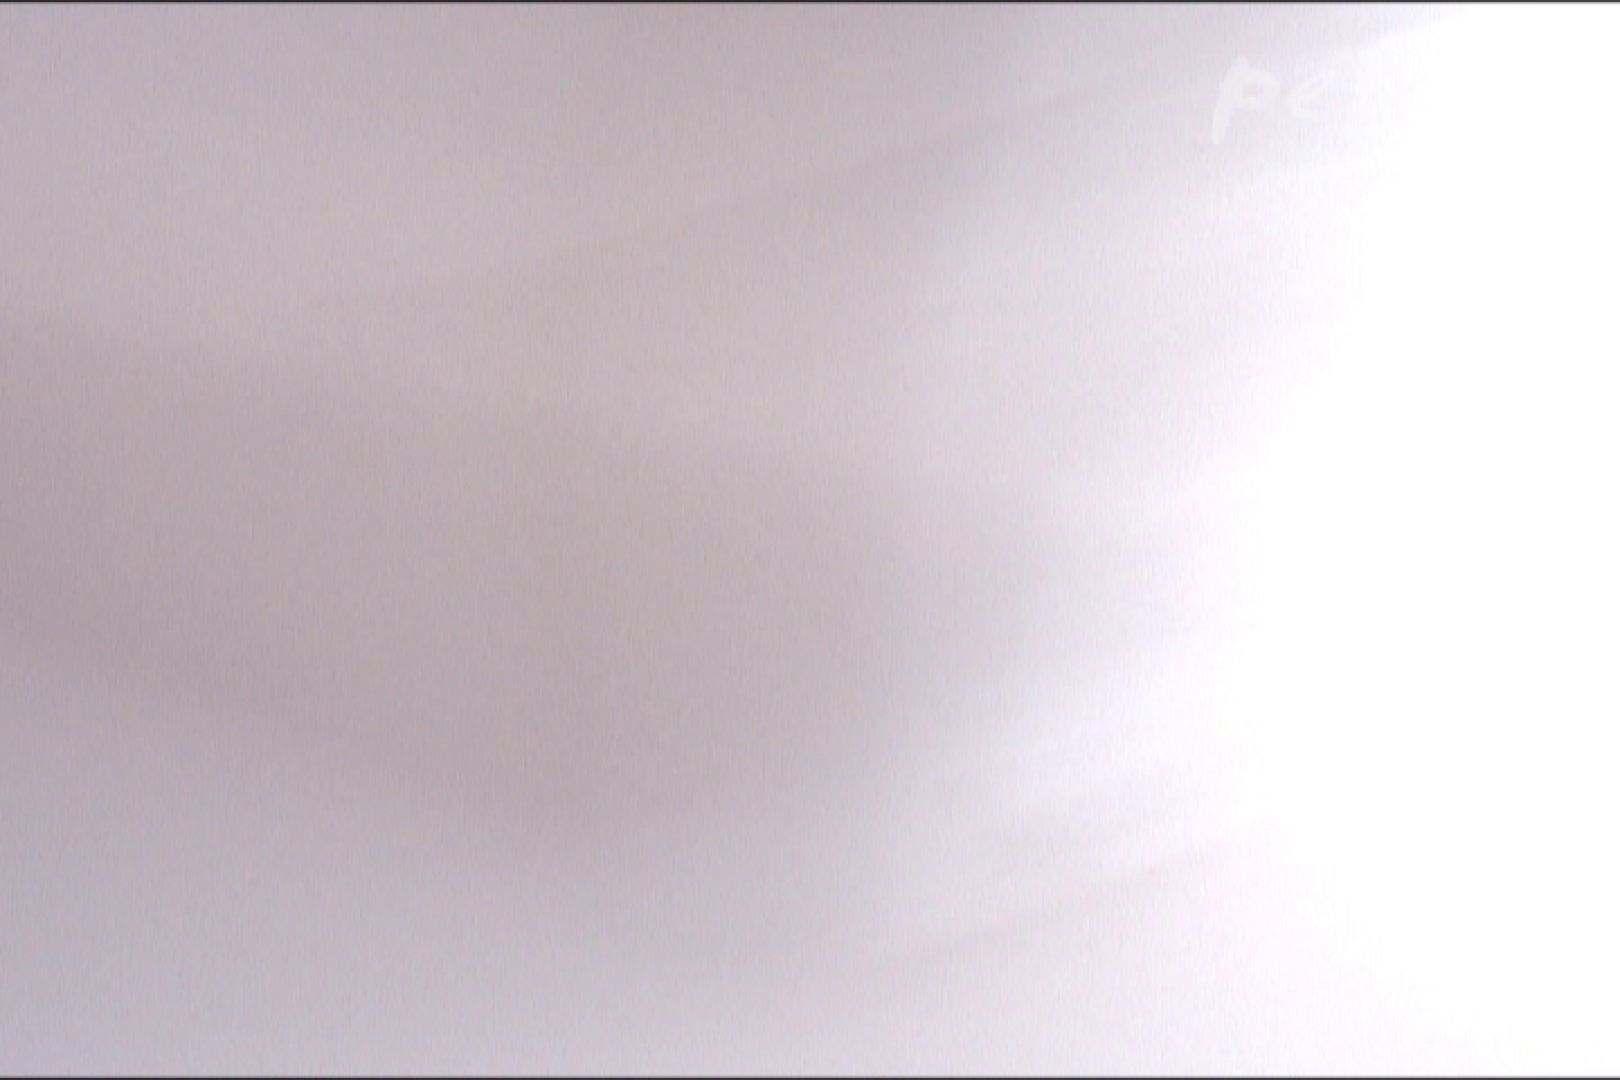 期間限定 マンコ丸見え!体育館潜入撮File011 丸見えマンコ 盗撮動画紹介 55PIX 40